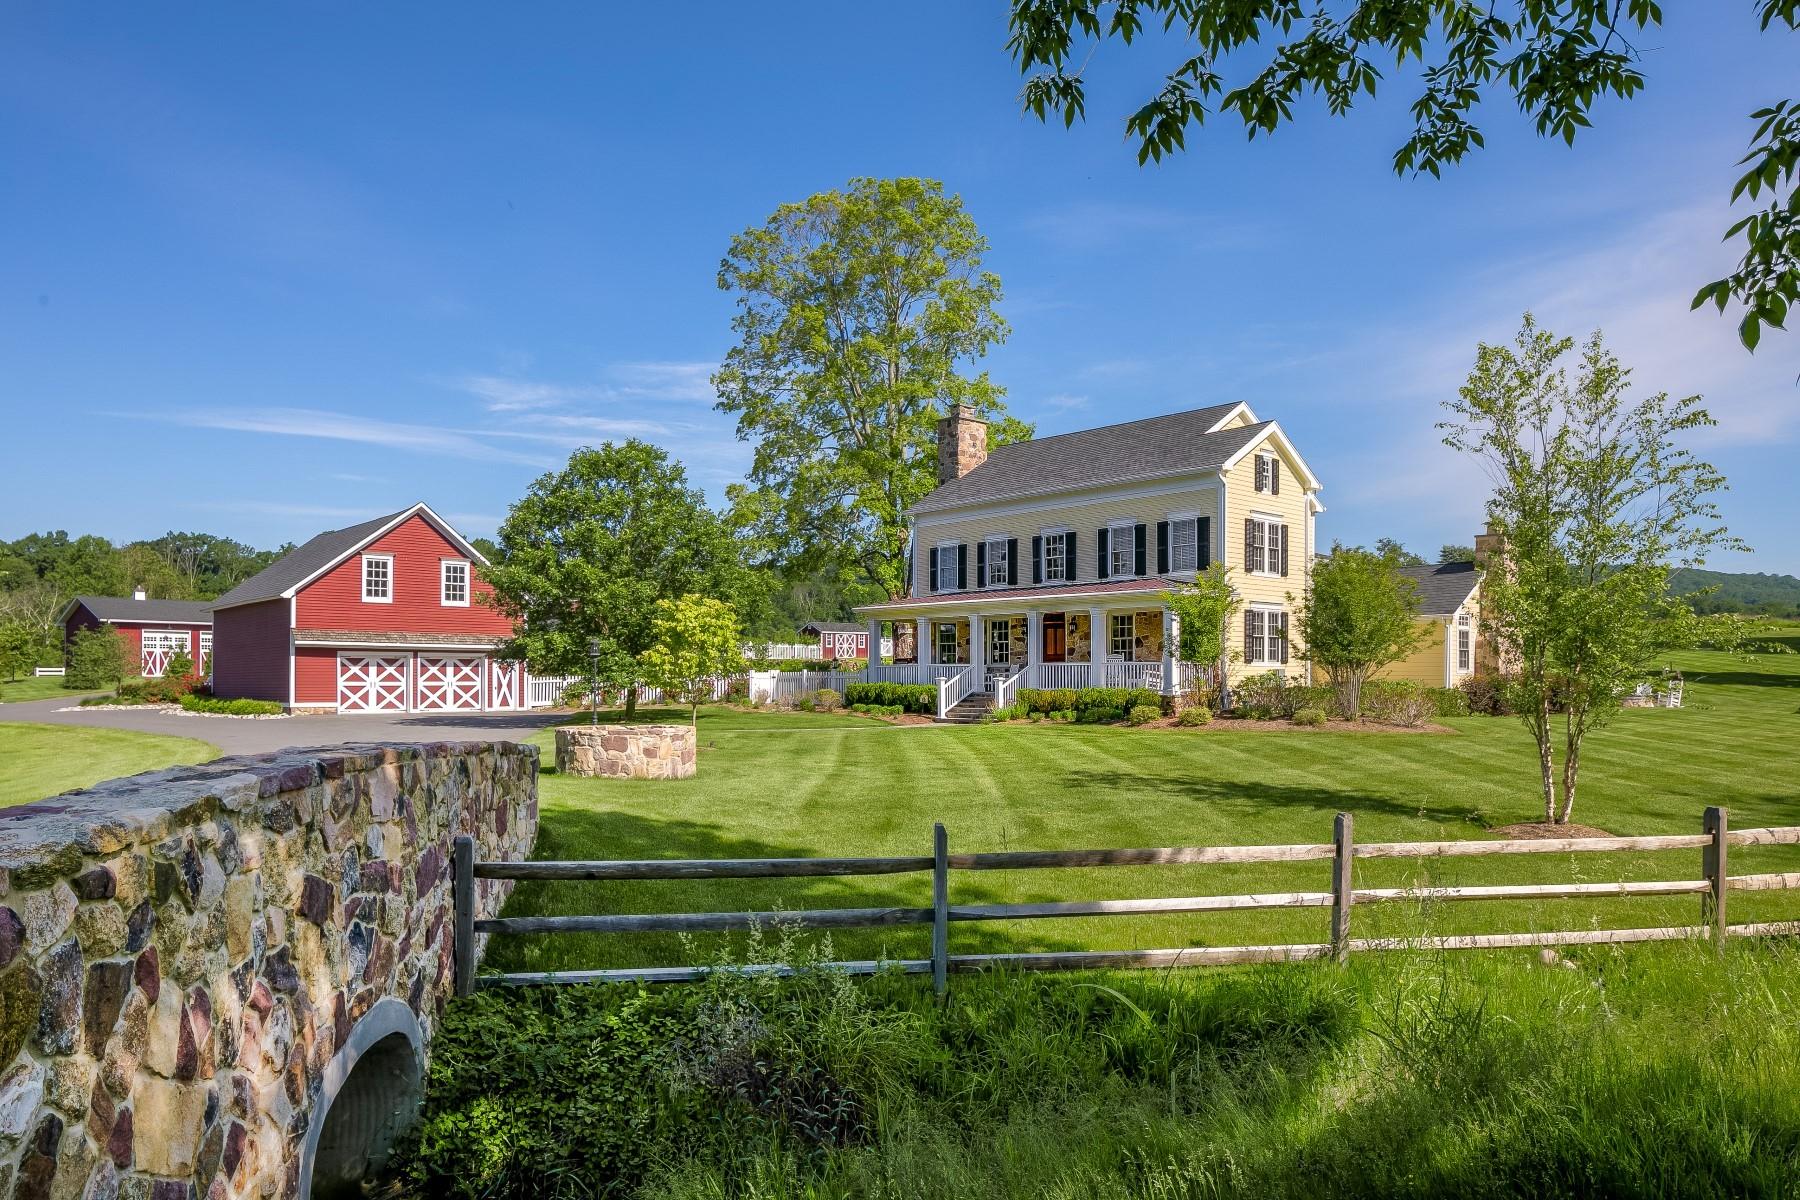 農場 / 牧場 / 種植場 為 出售 在 Konkus Farm 55 Mendham Road Chester, 新澤西州 07930 美國